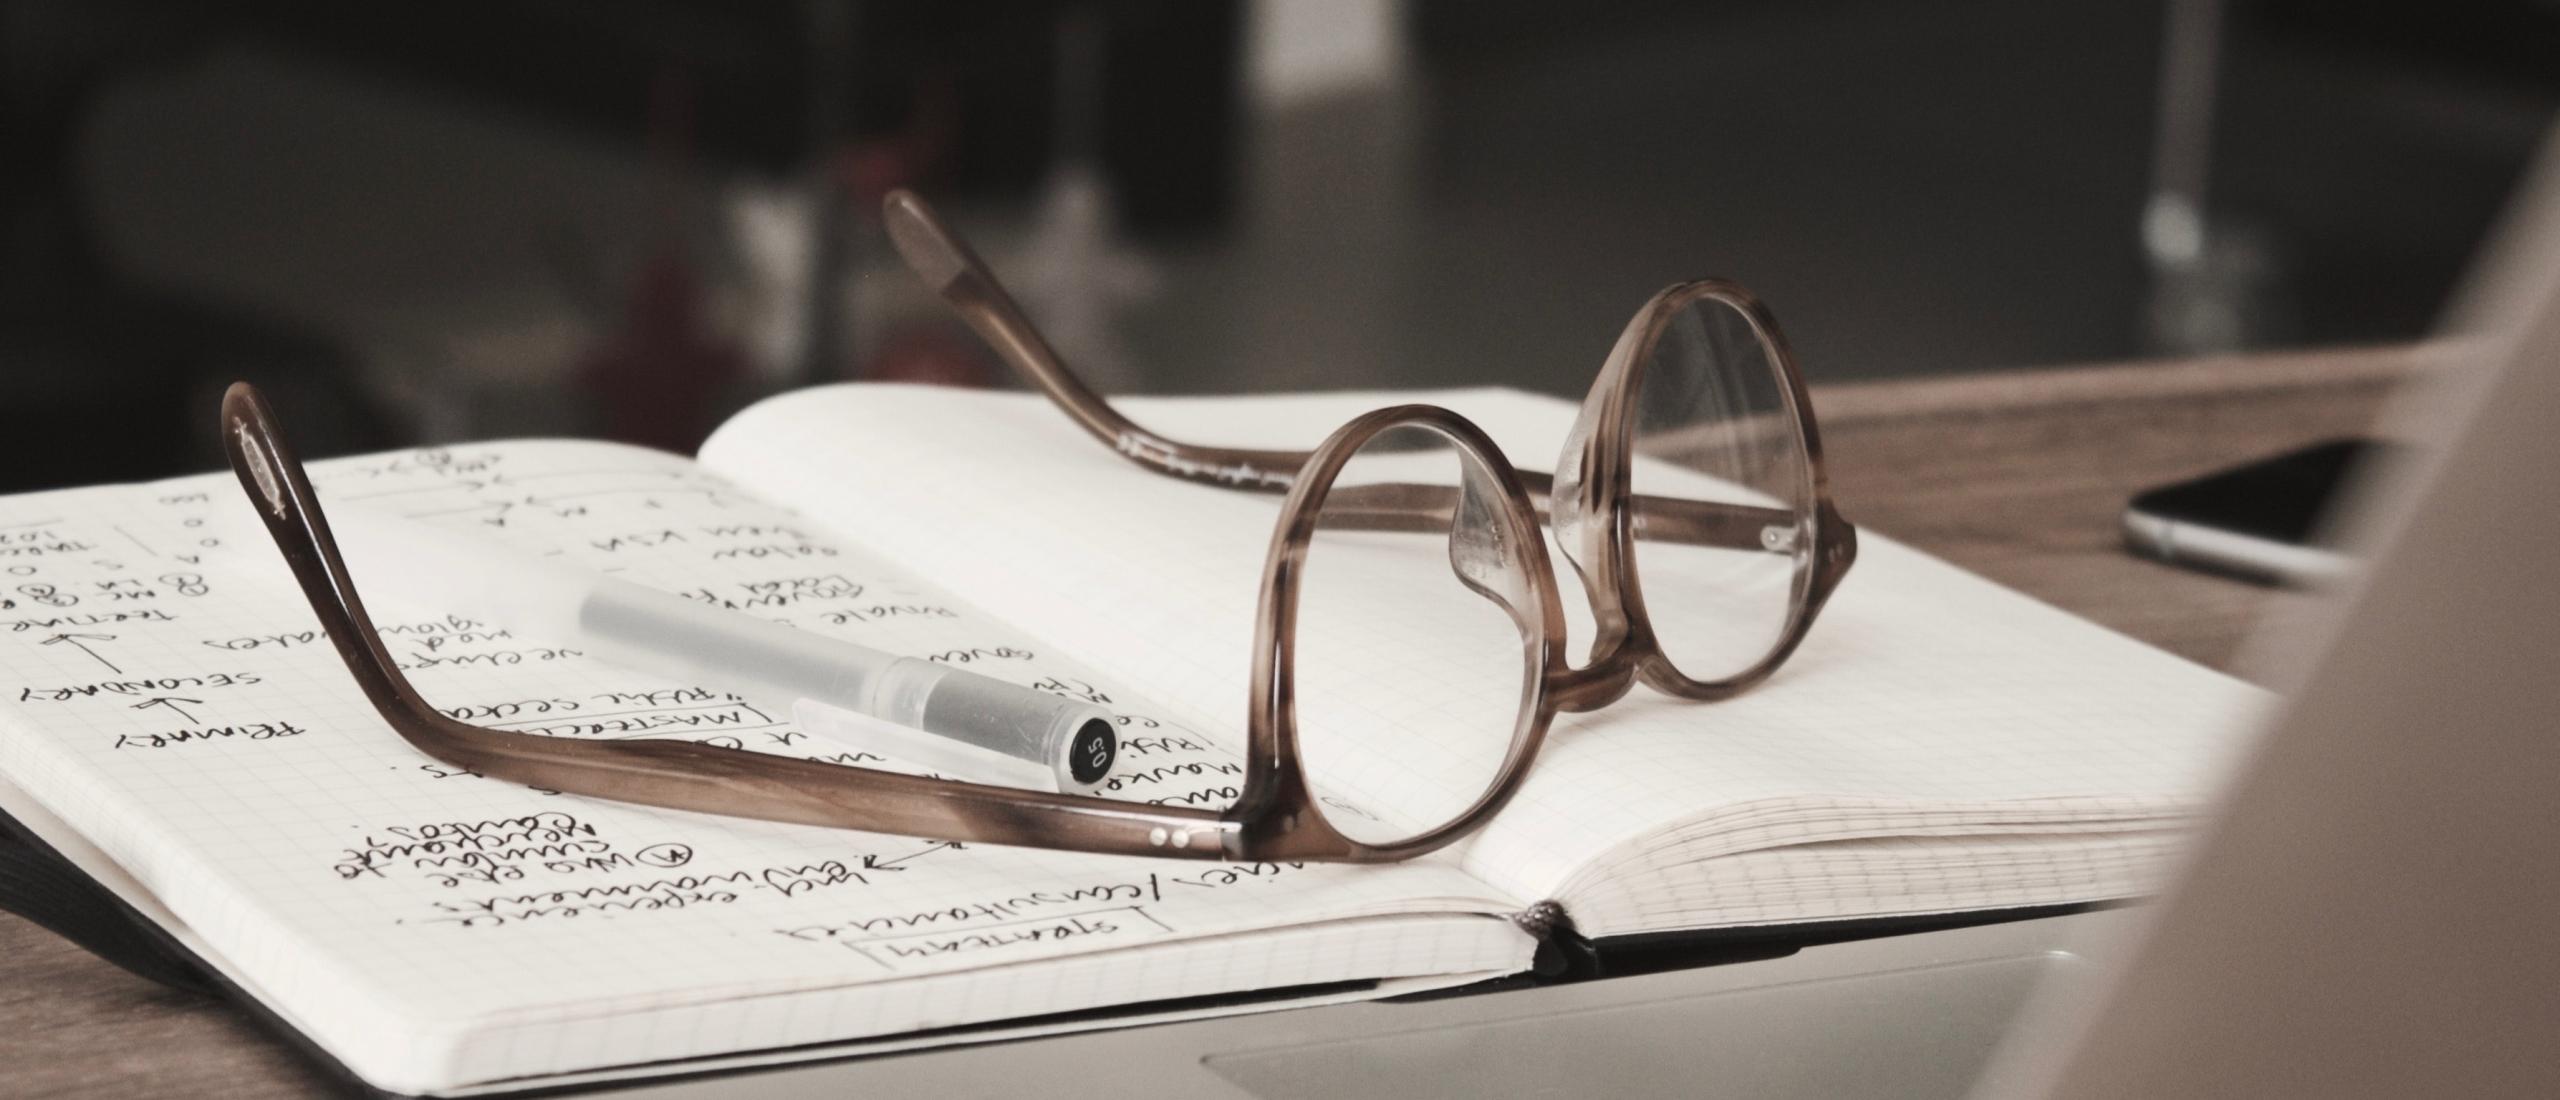 Persbericht | Sectoronderzoek Woningcorporaties naar de stand van informatiebeveiliging